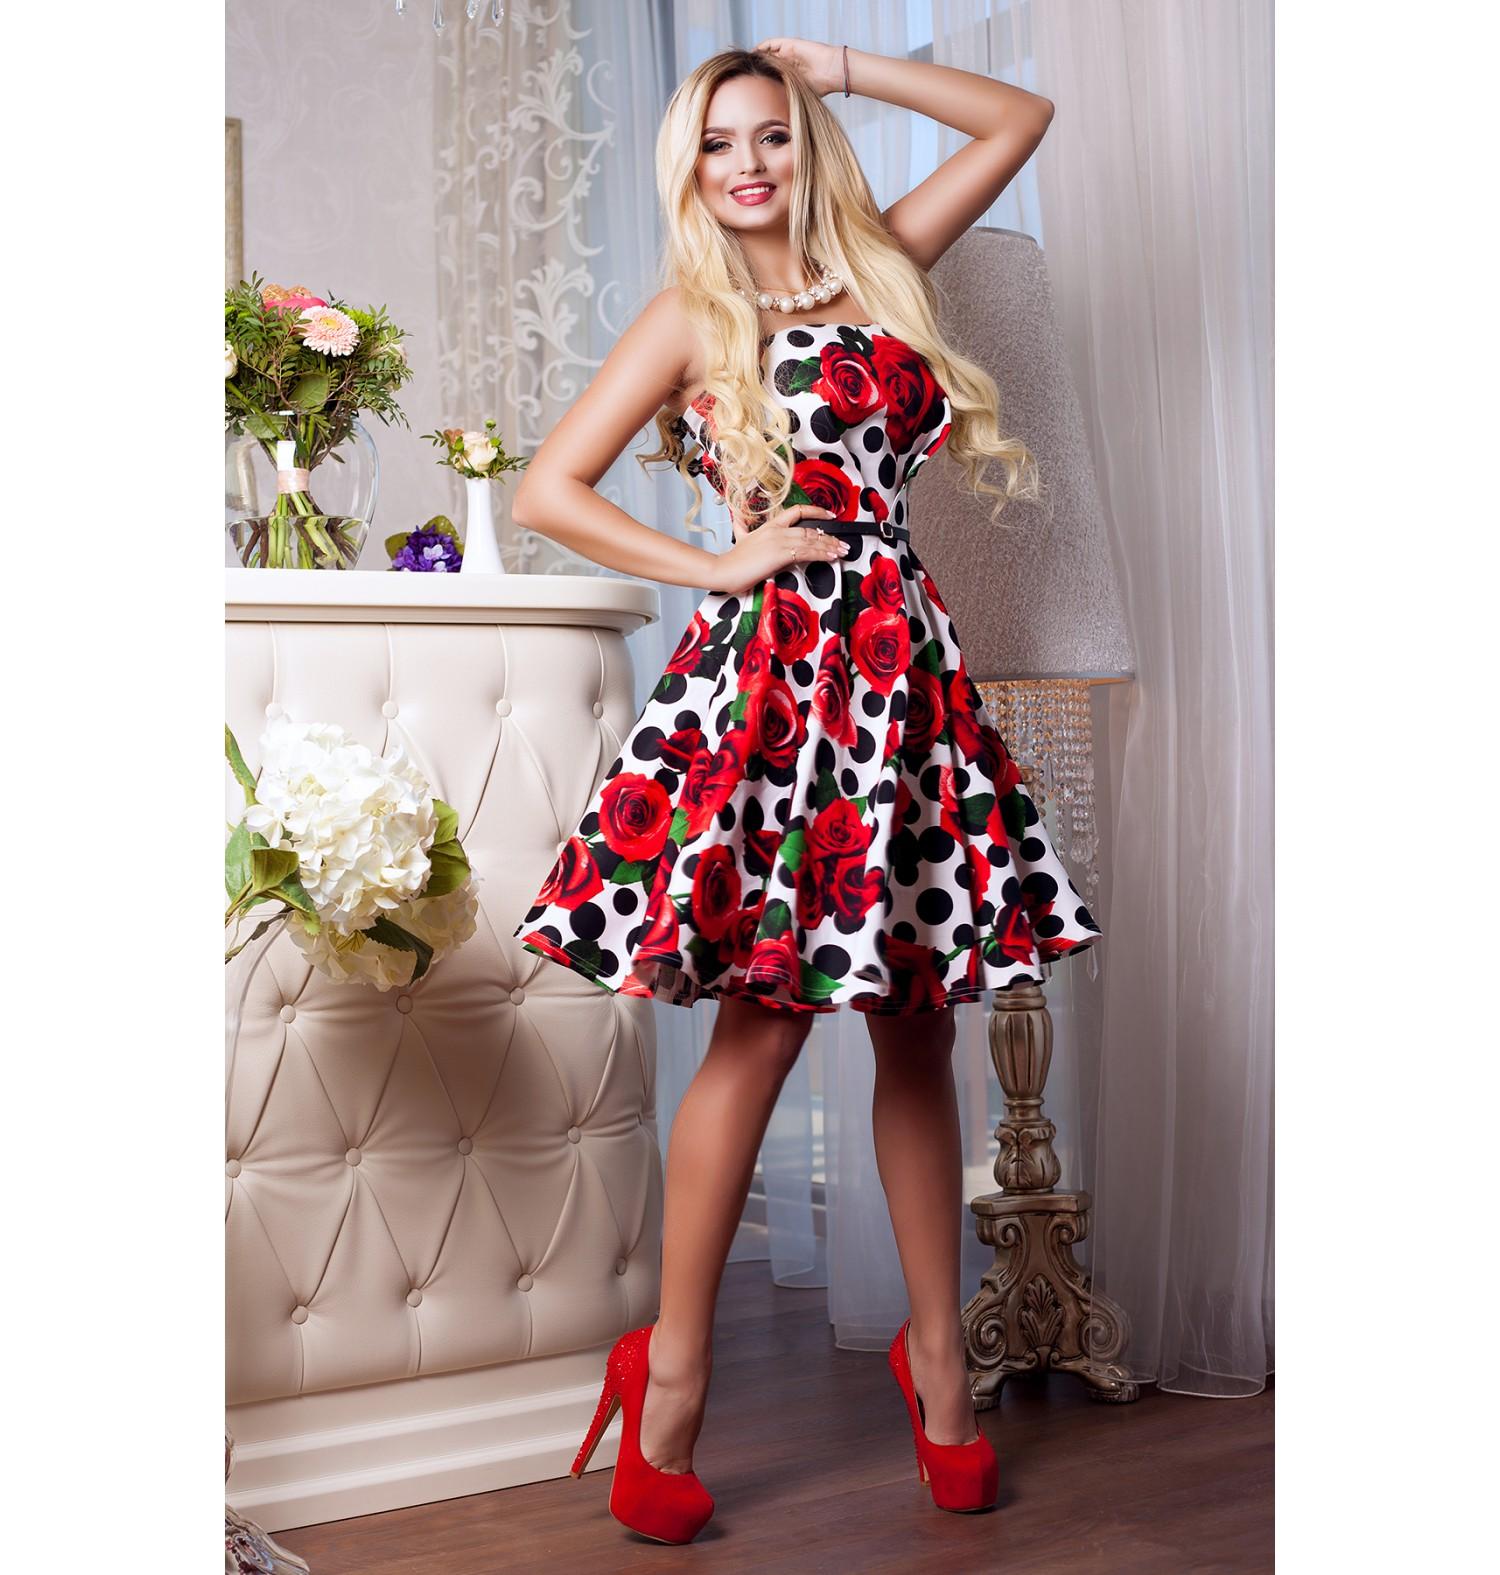 Кокетливое платье с открытыми плечами .